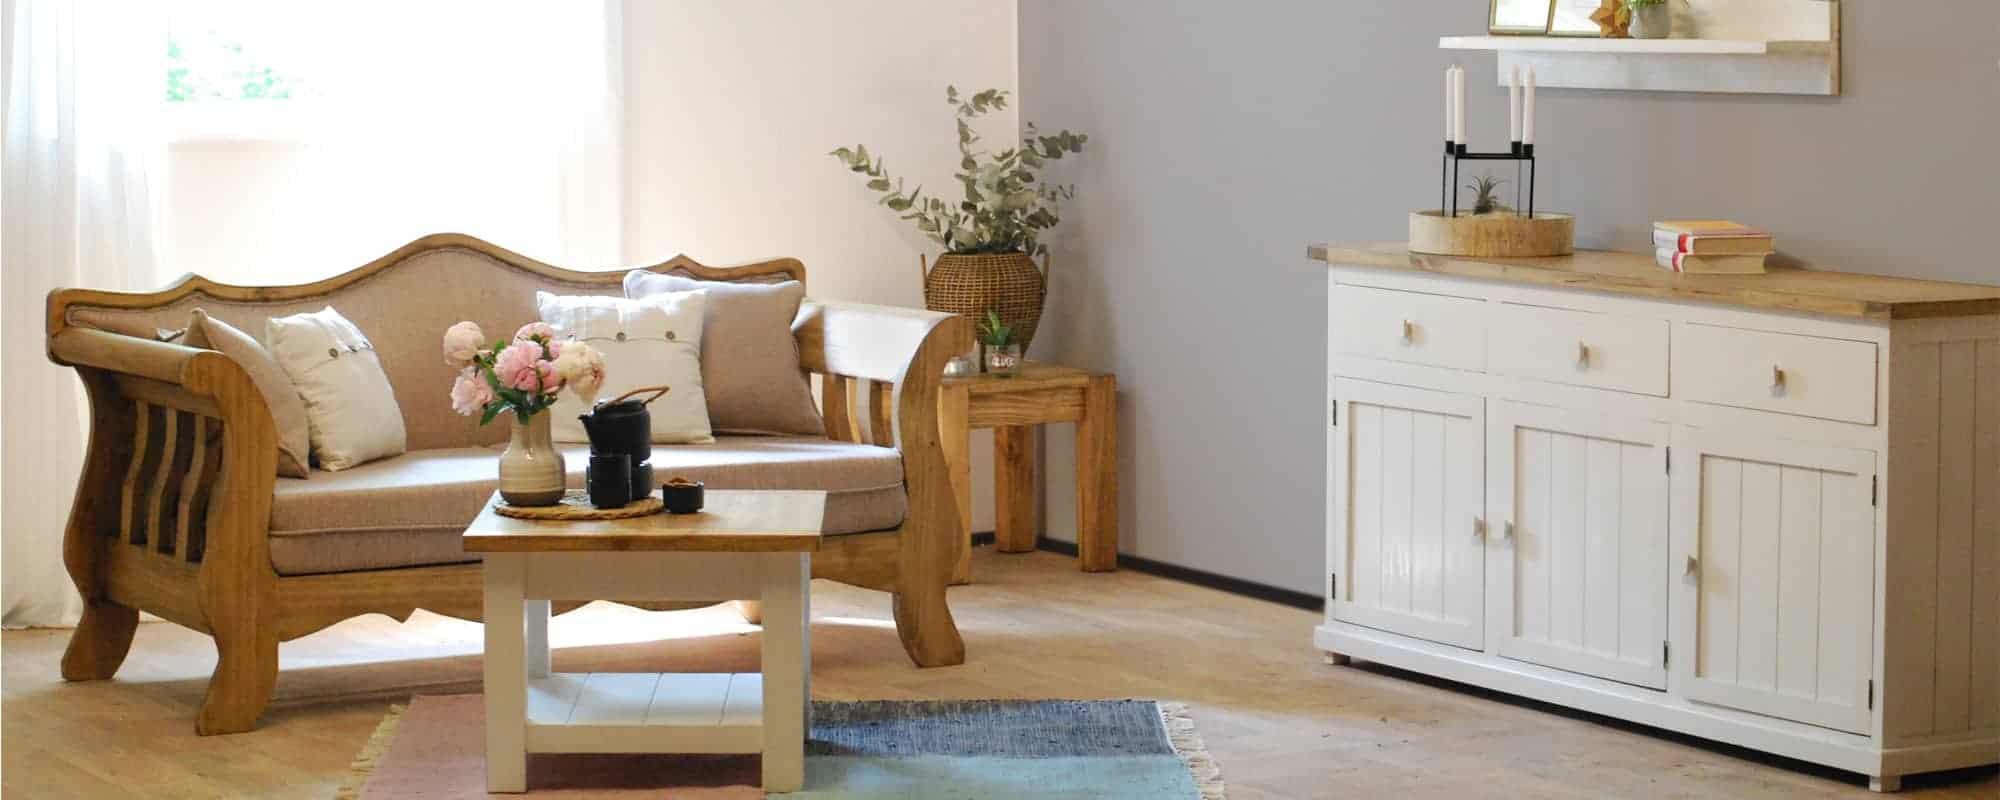 Landhausmöbel online kaufen  MiaMöbel